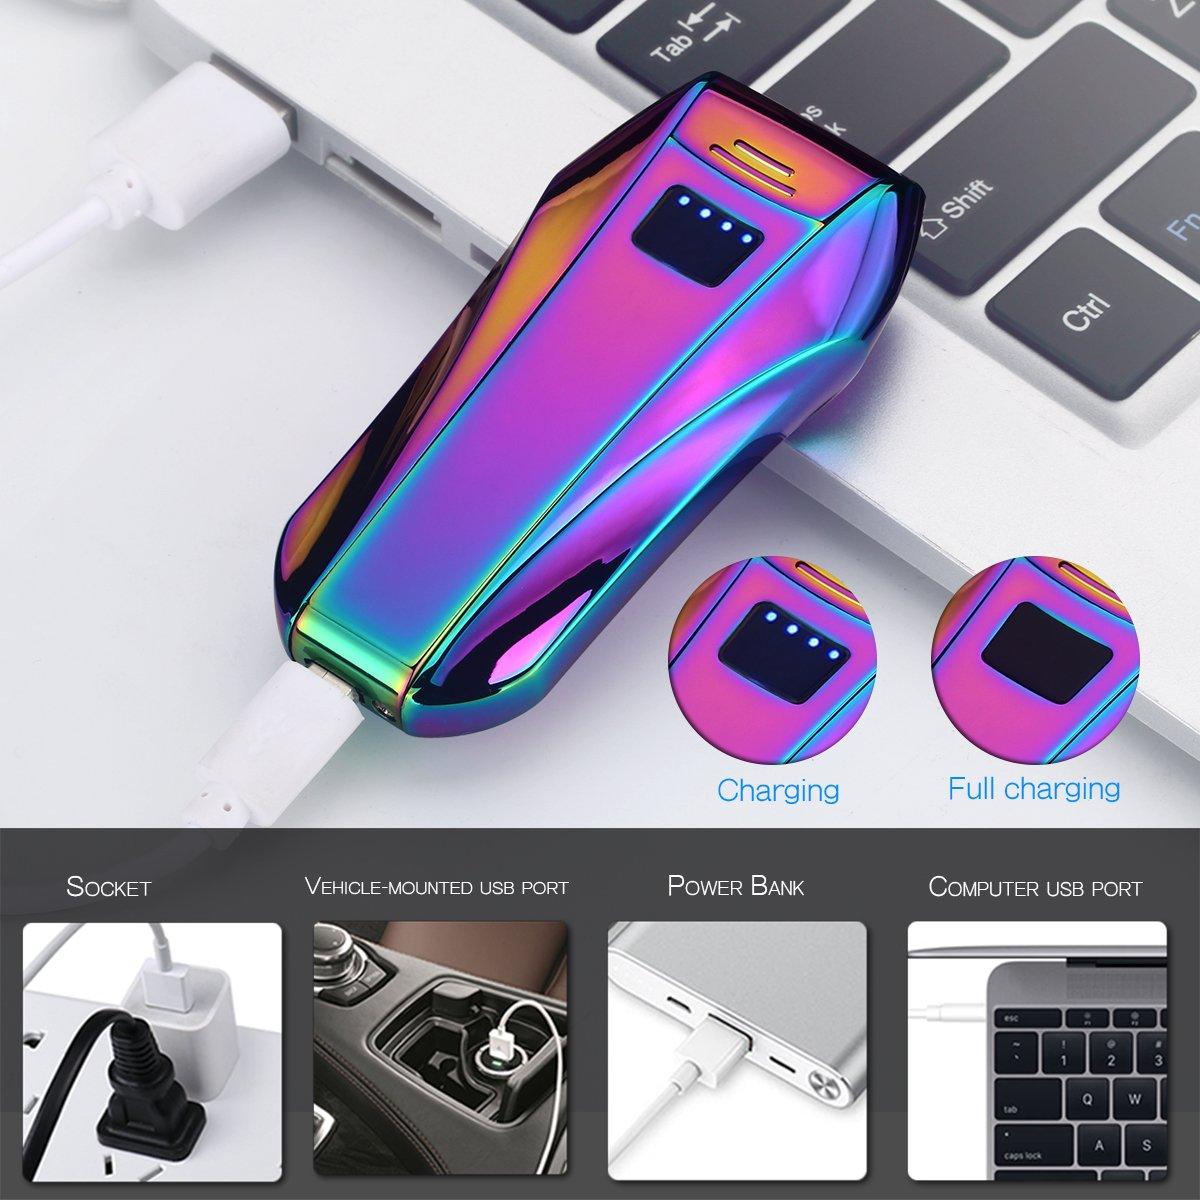 Accendino Lighter,Accendino Antivento Ricaricabile No fiamman No gas o liquidi USB carica Interruttore ad induzione ad Alta Tecnologia (Purple)